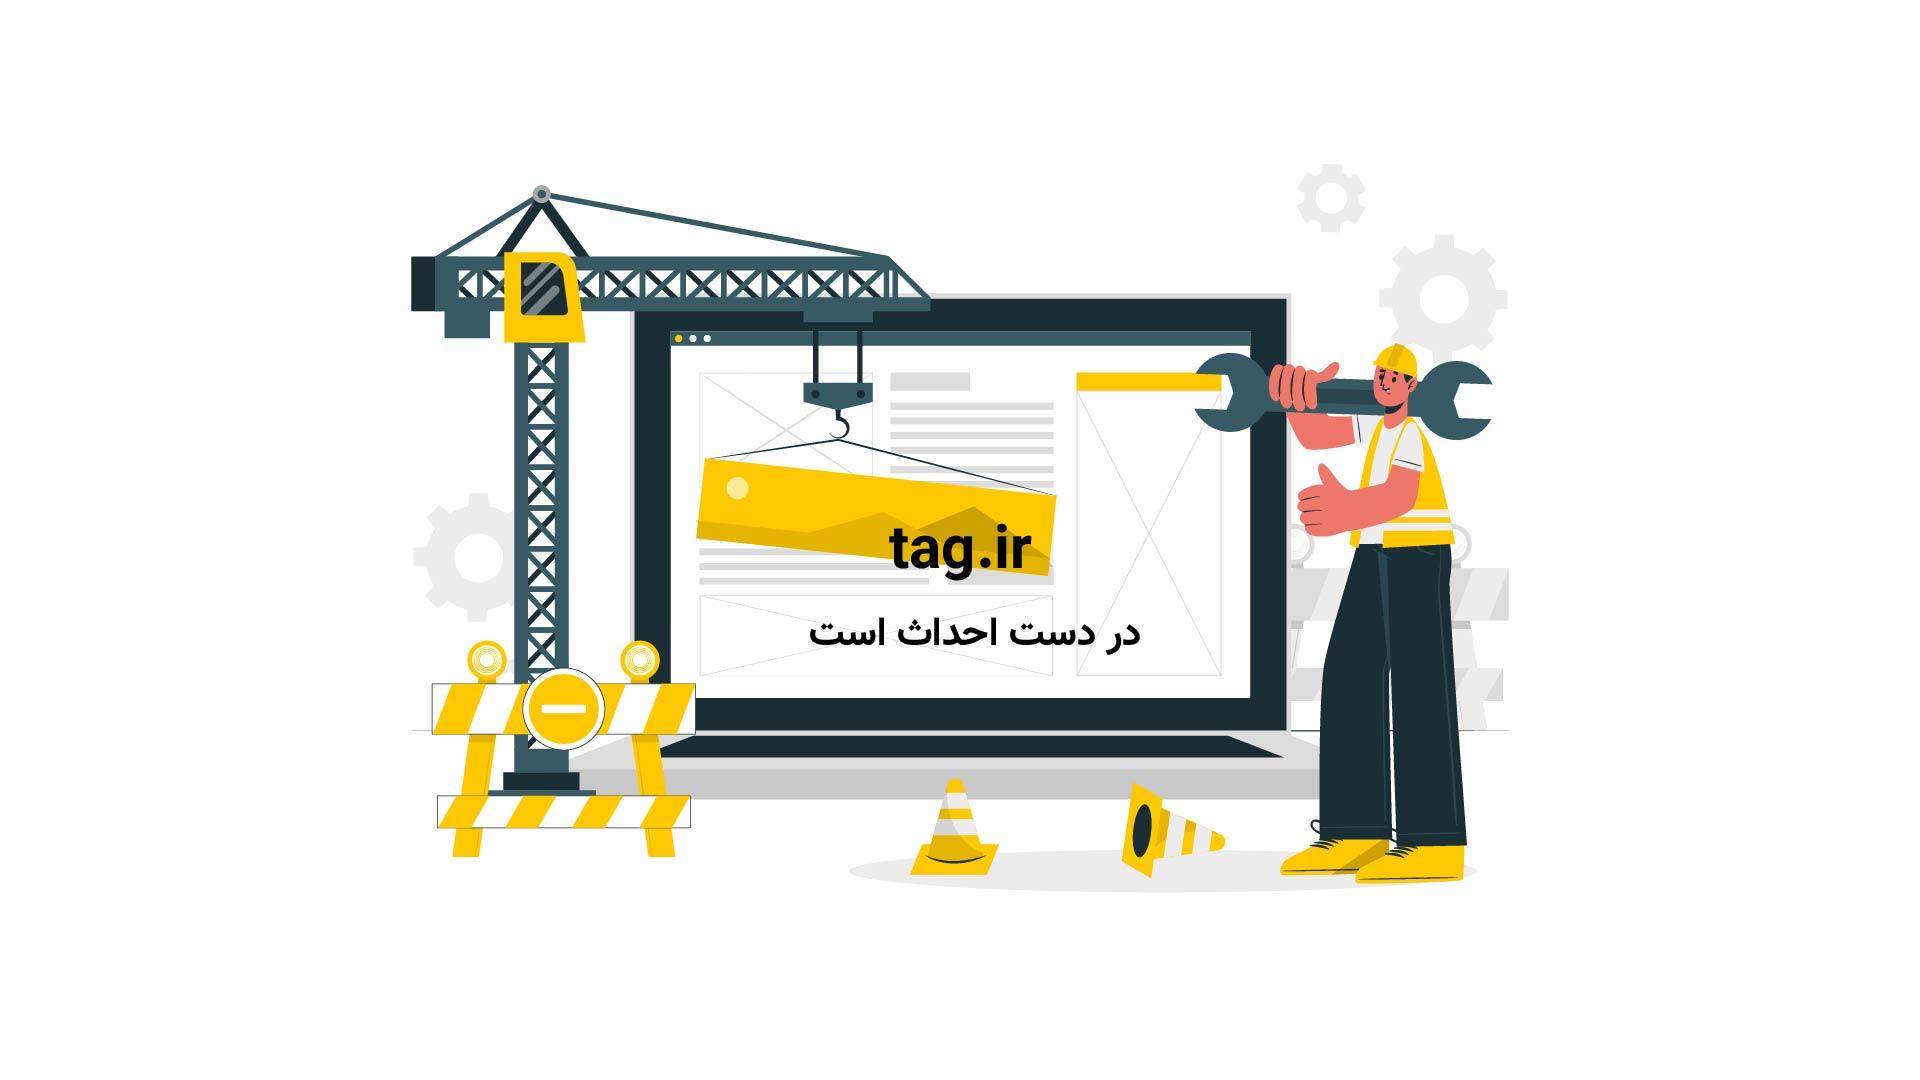 خلاصه بازی بسکتبال لس آنجلس لیکرز ۸۲ – ۱۰۰ گلدن استیت وری یرز | فیلم